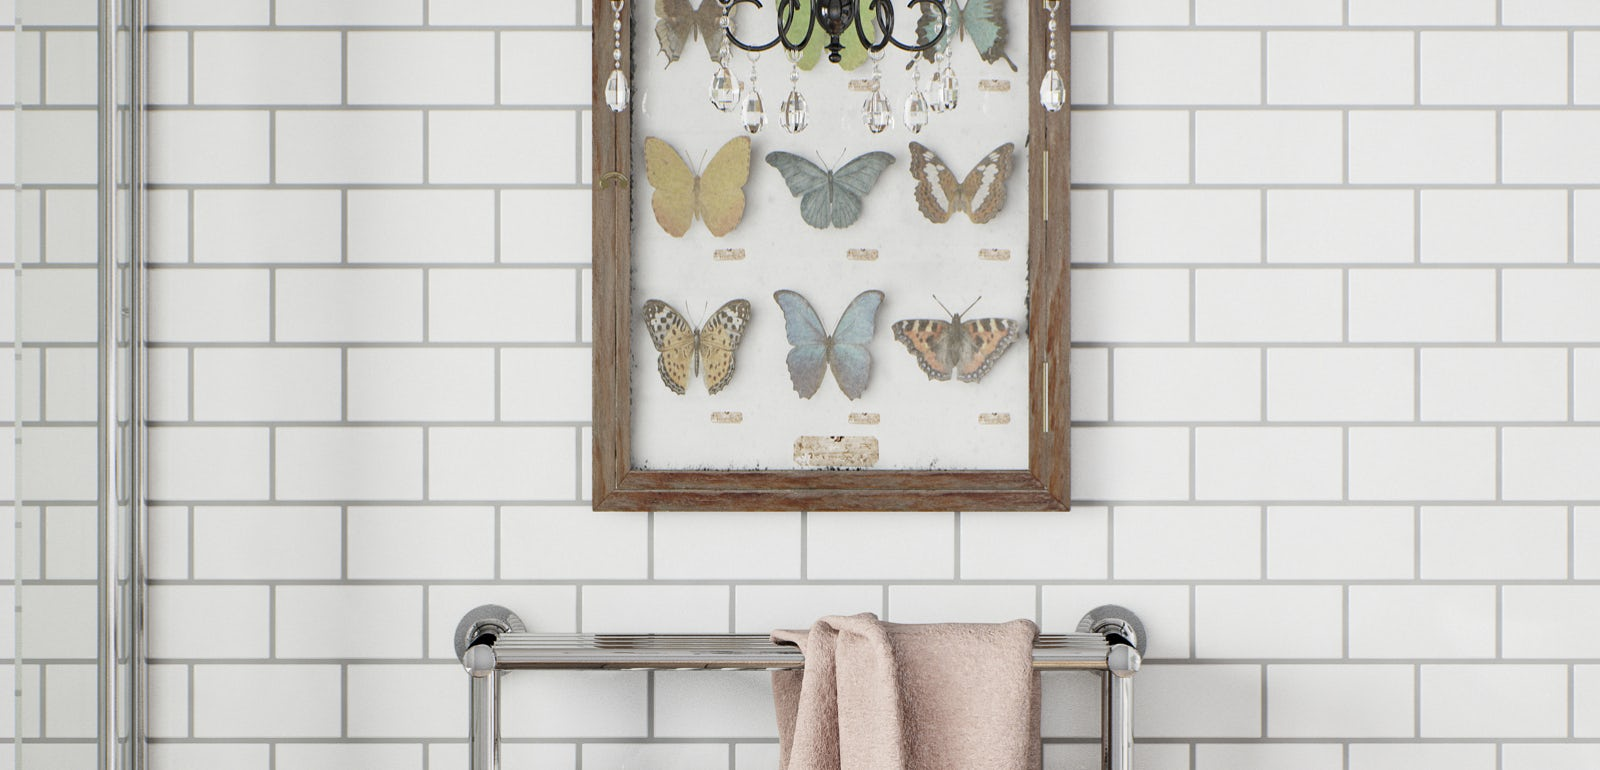 5 ways to make your bathroom super cosy